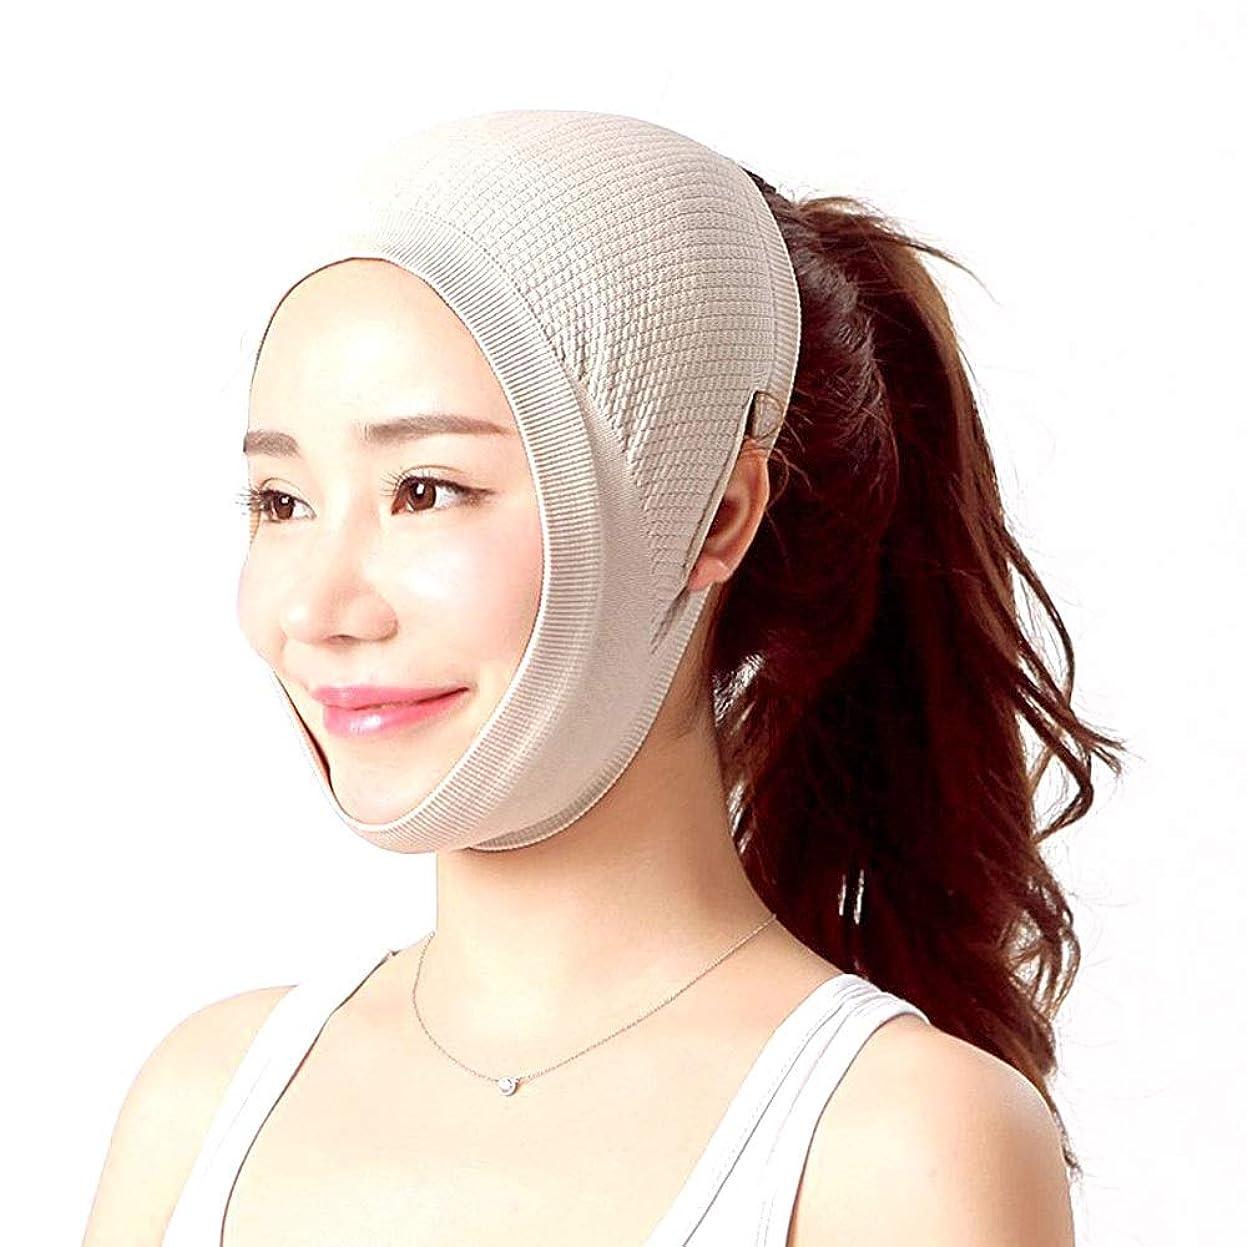 シソーラスカテナ示すGYZ フェイスリフティングアーティファクト包帯ライン術後回復包帯リフティングフェイスフードVフェイス包帯リフティングVフェイス美容マスク - 肌のトーン Thin Face Belt